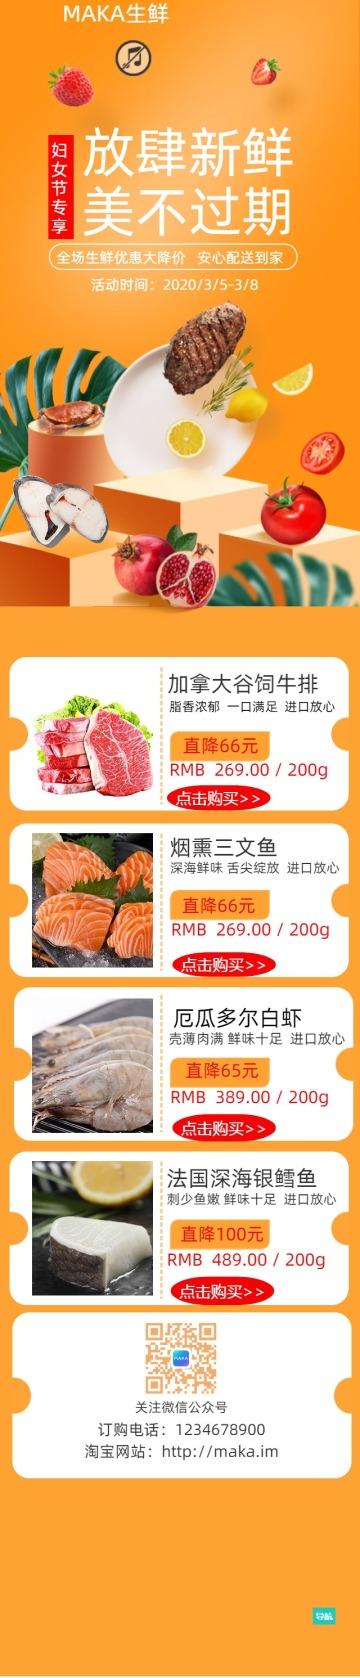 黄色简约生鲜美食零食小吃促销宣传活动长页H5